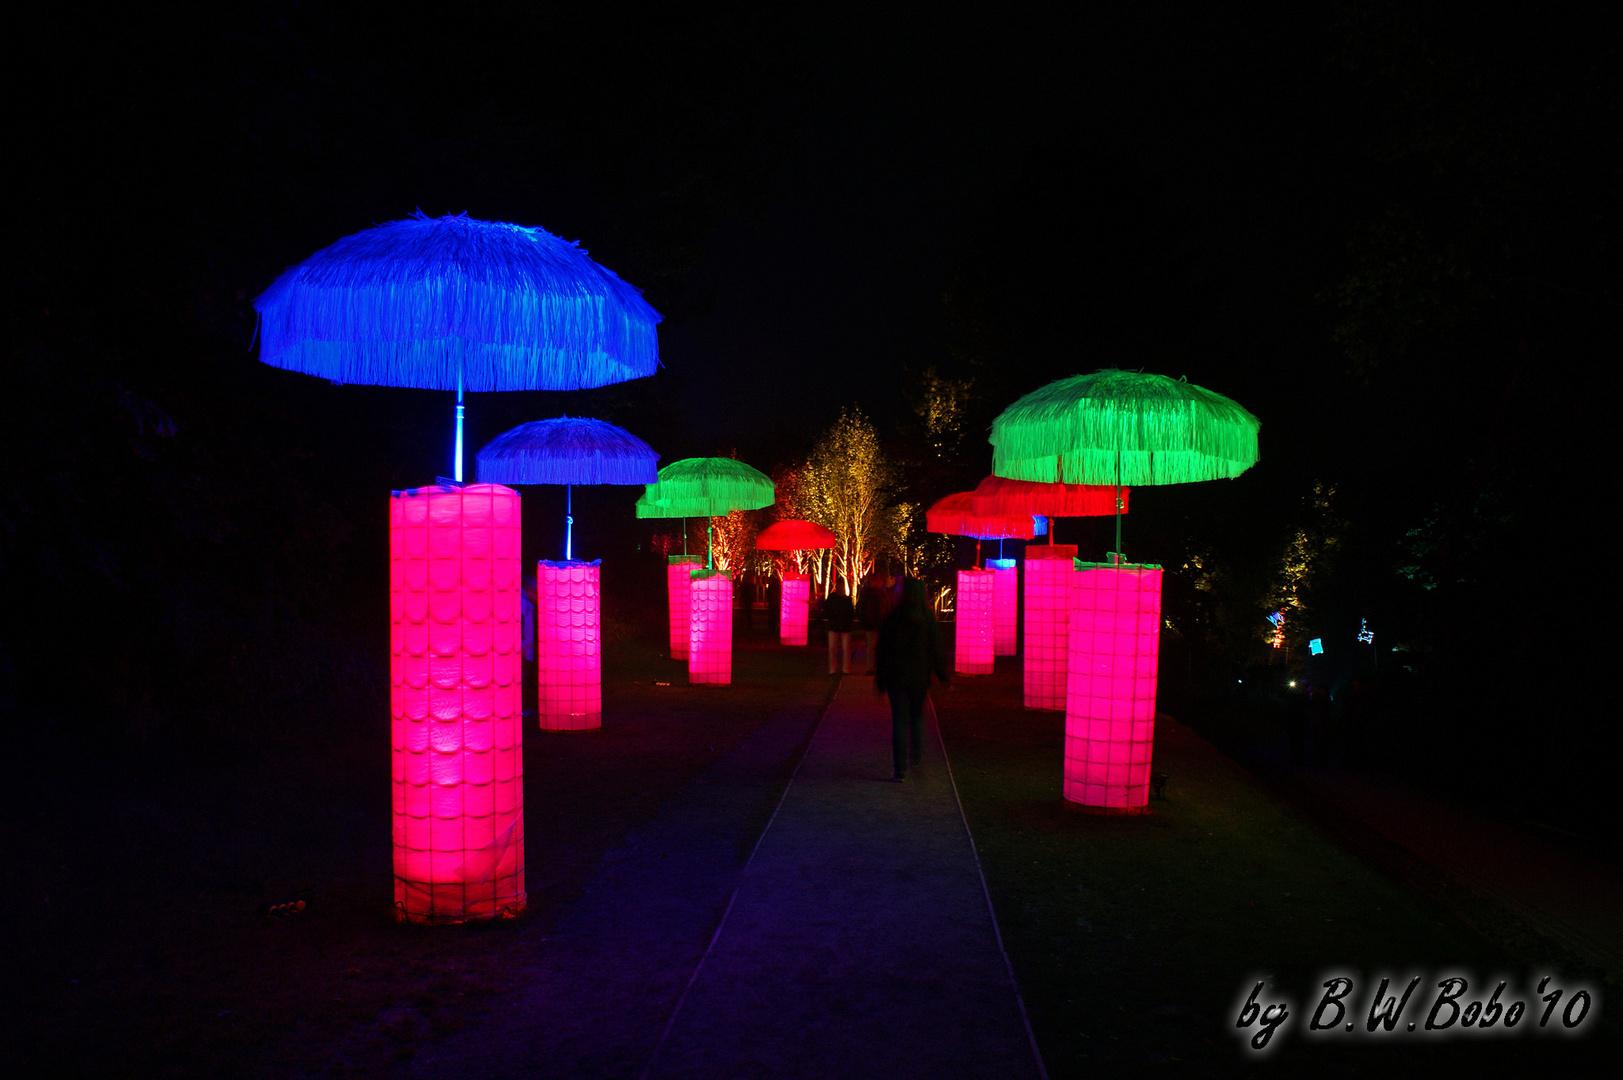 LAGA 2010 - Schirme bei Nacht